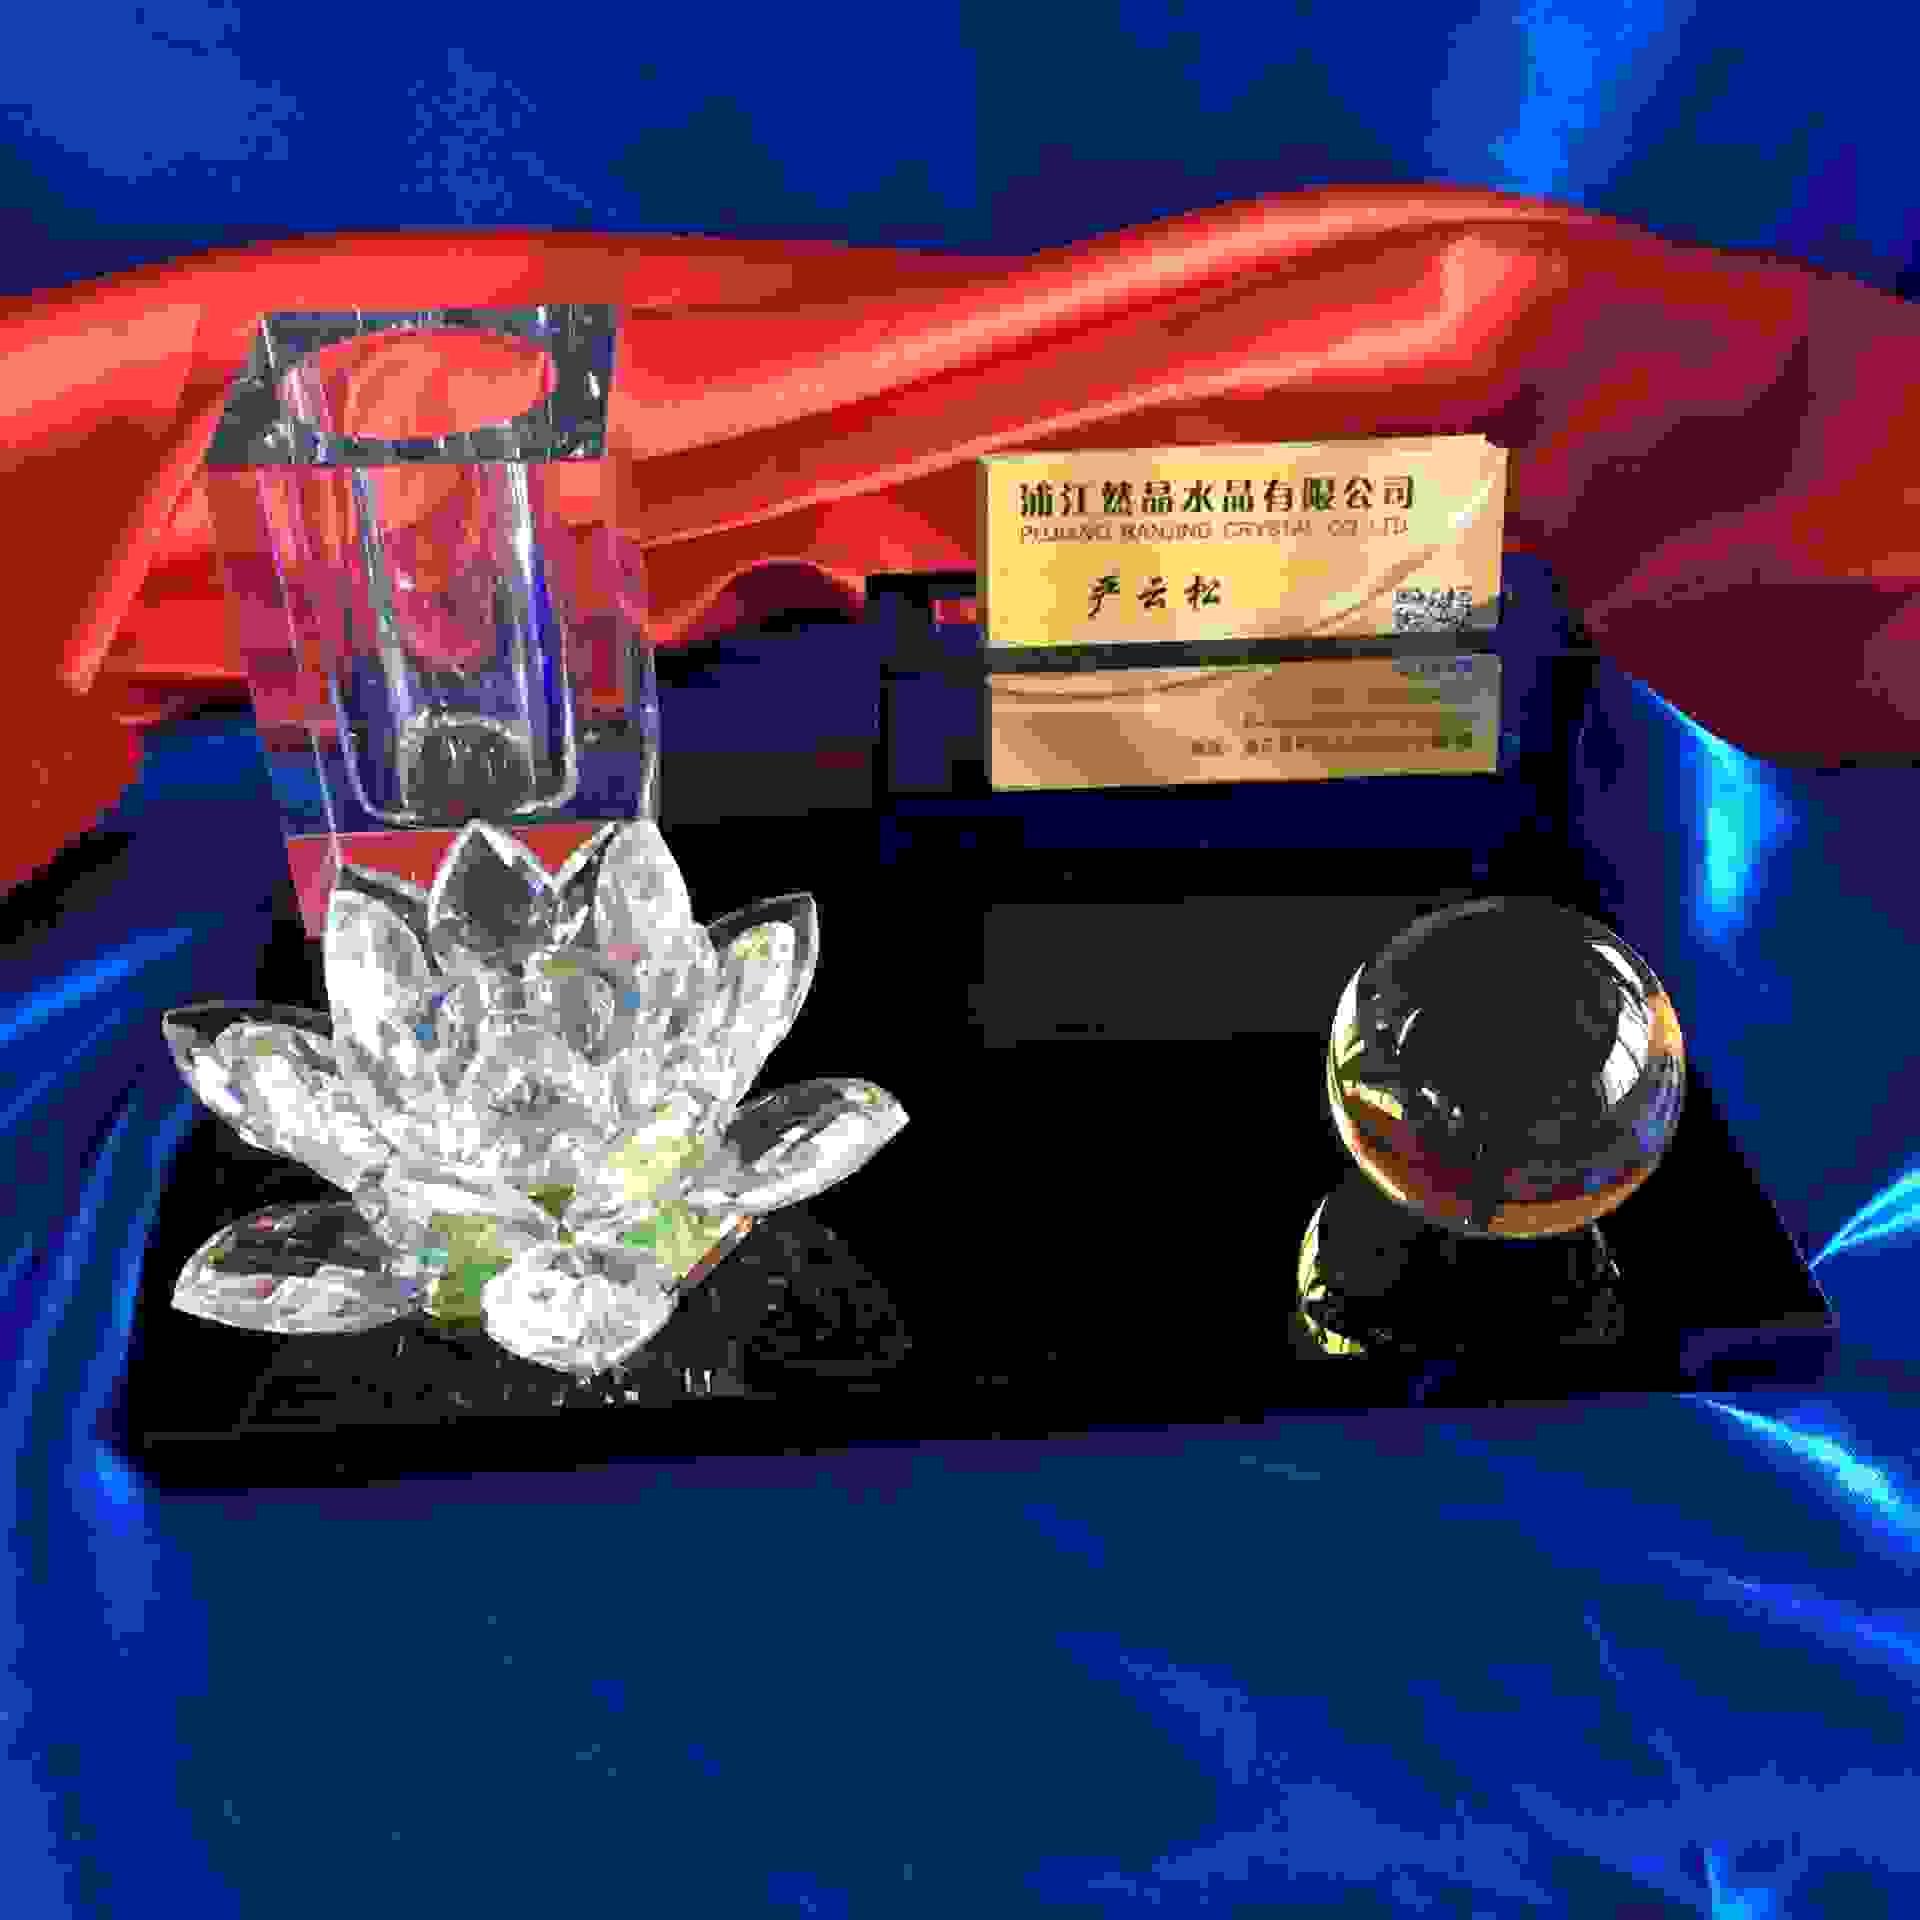 水晶莲花四件套摆件 笔筒名片夹个性工艺品摆设水晶办公桌面装饰